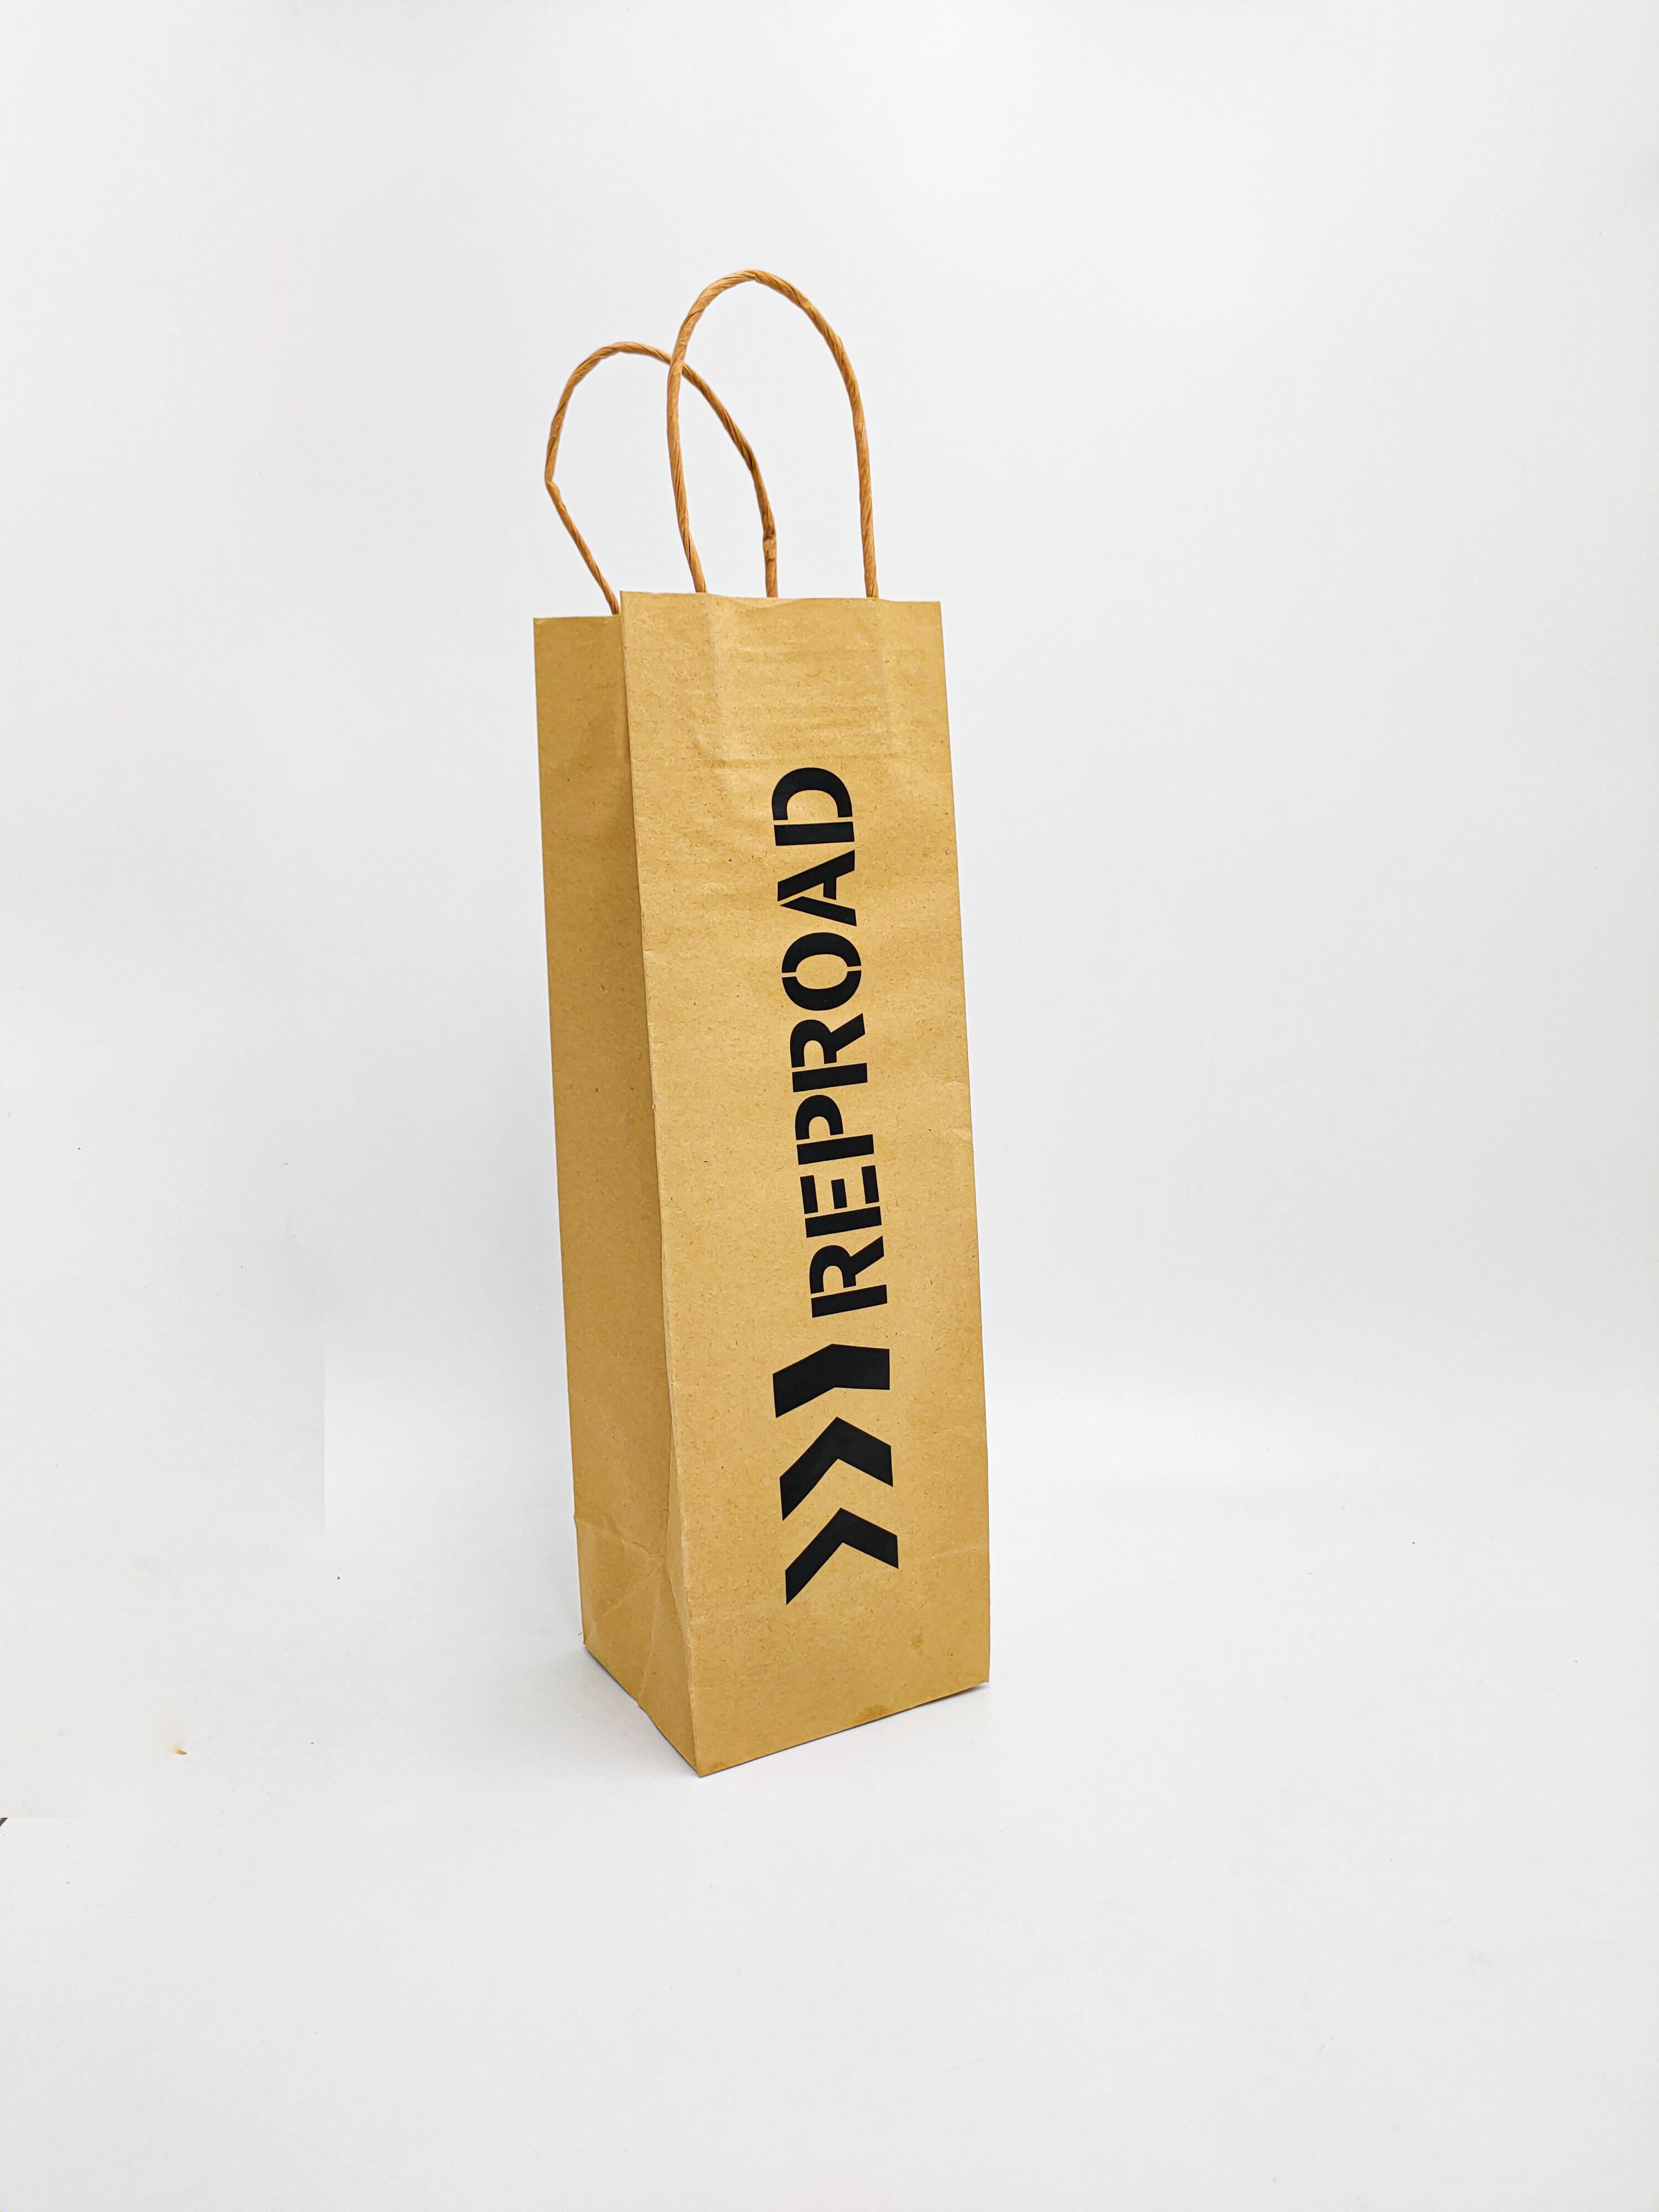 Sac en papier pour bouteille Reproad - Sacs & Emballages